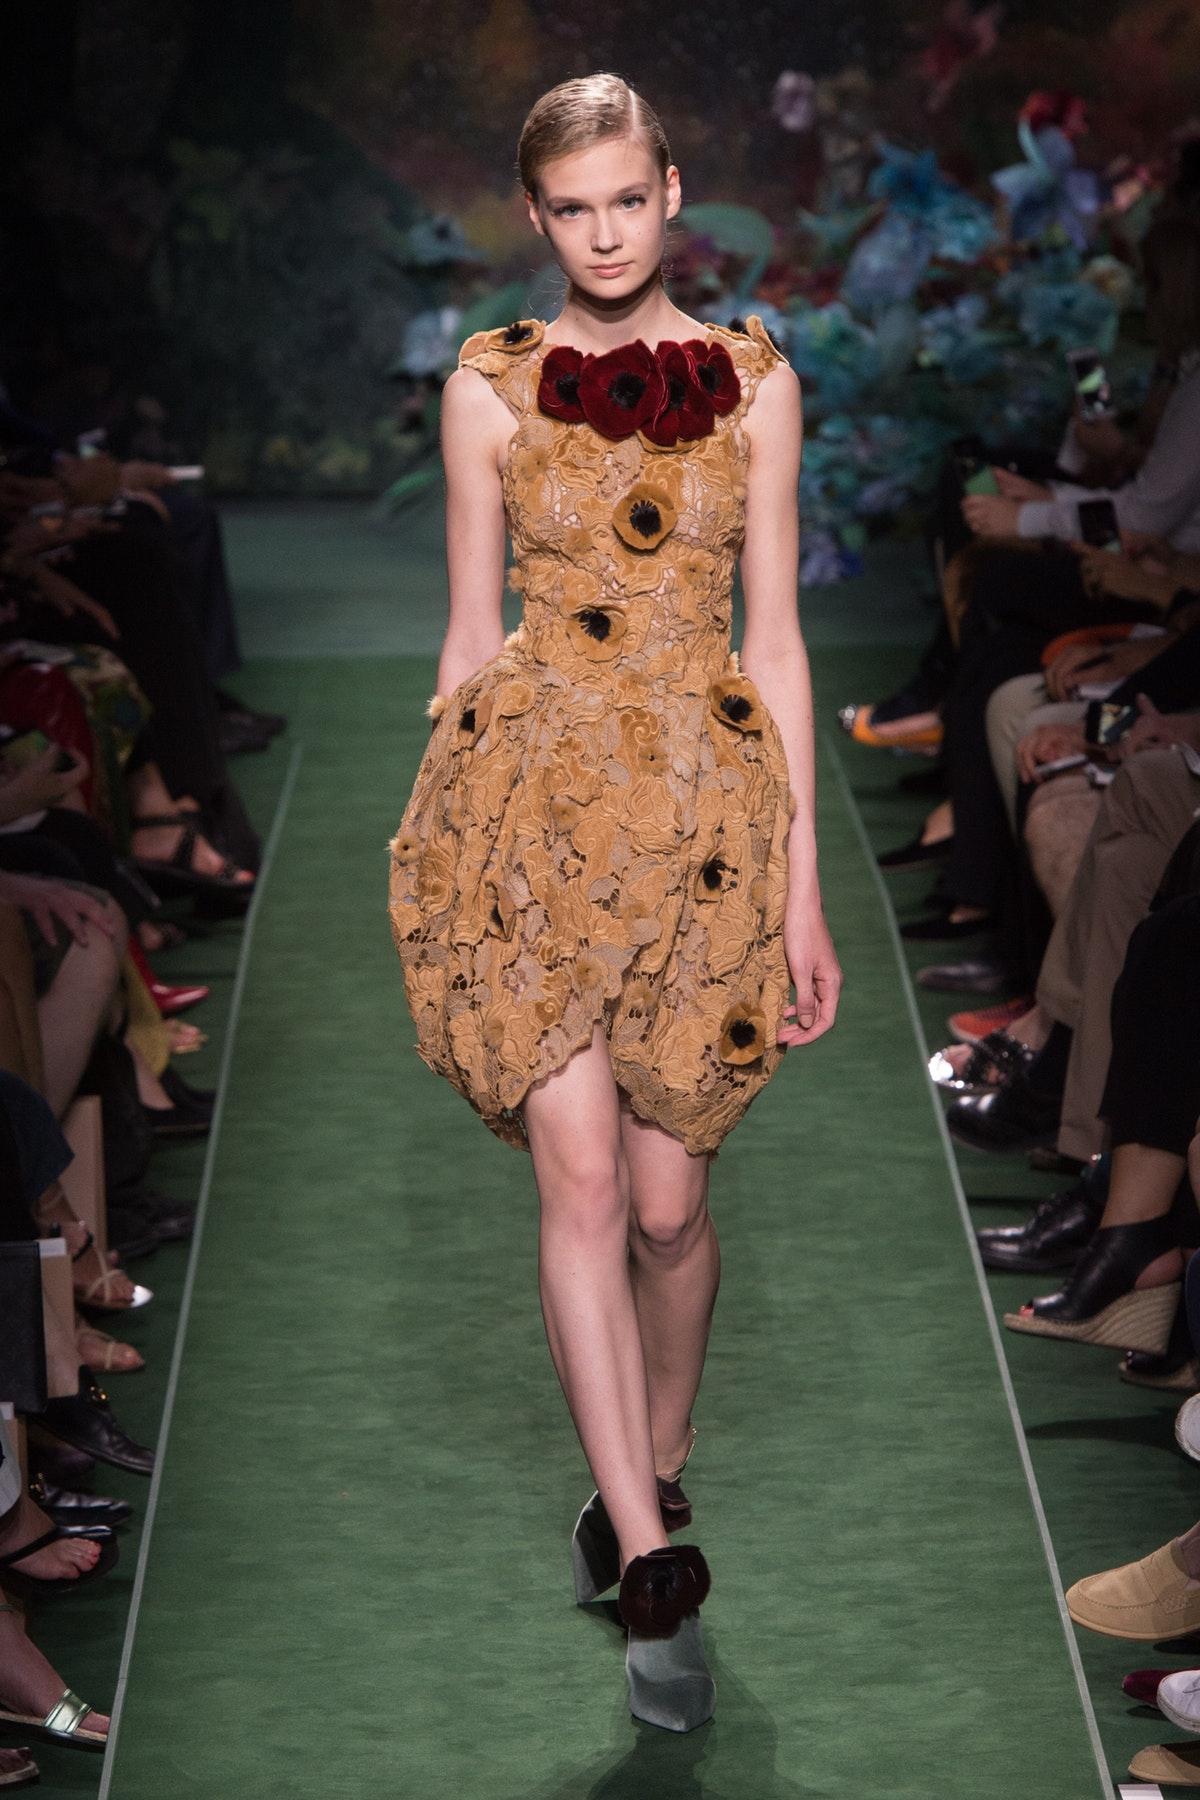 Fendi Autumn 2017 Haute Couture, image via The Business Of Fashion